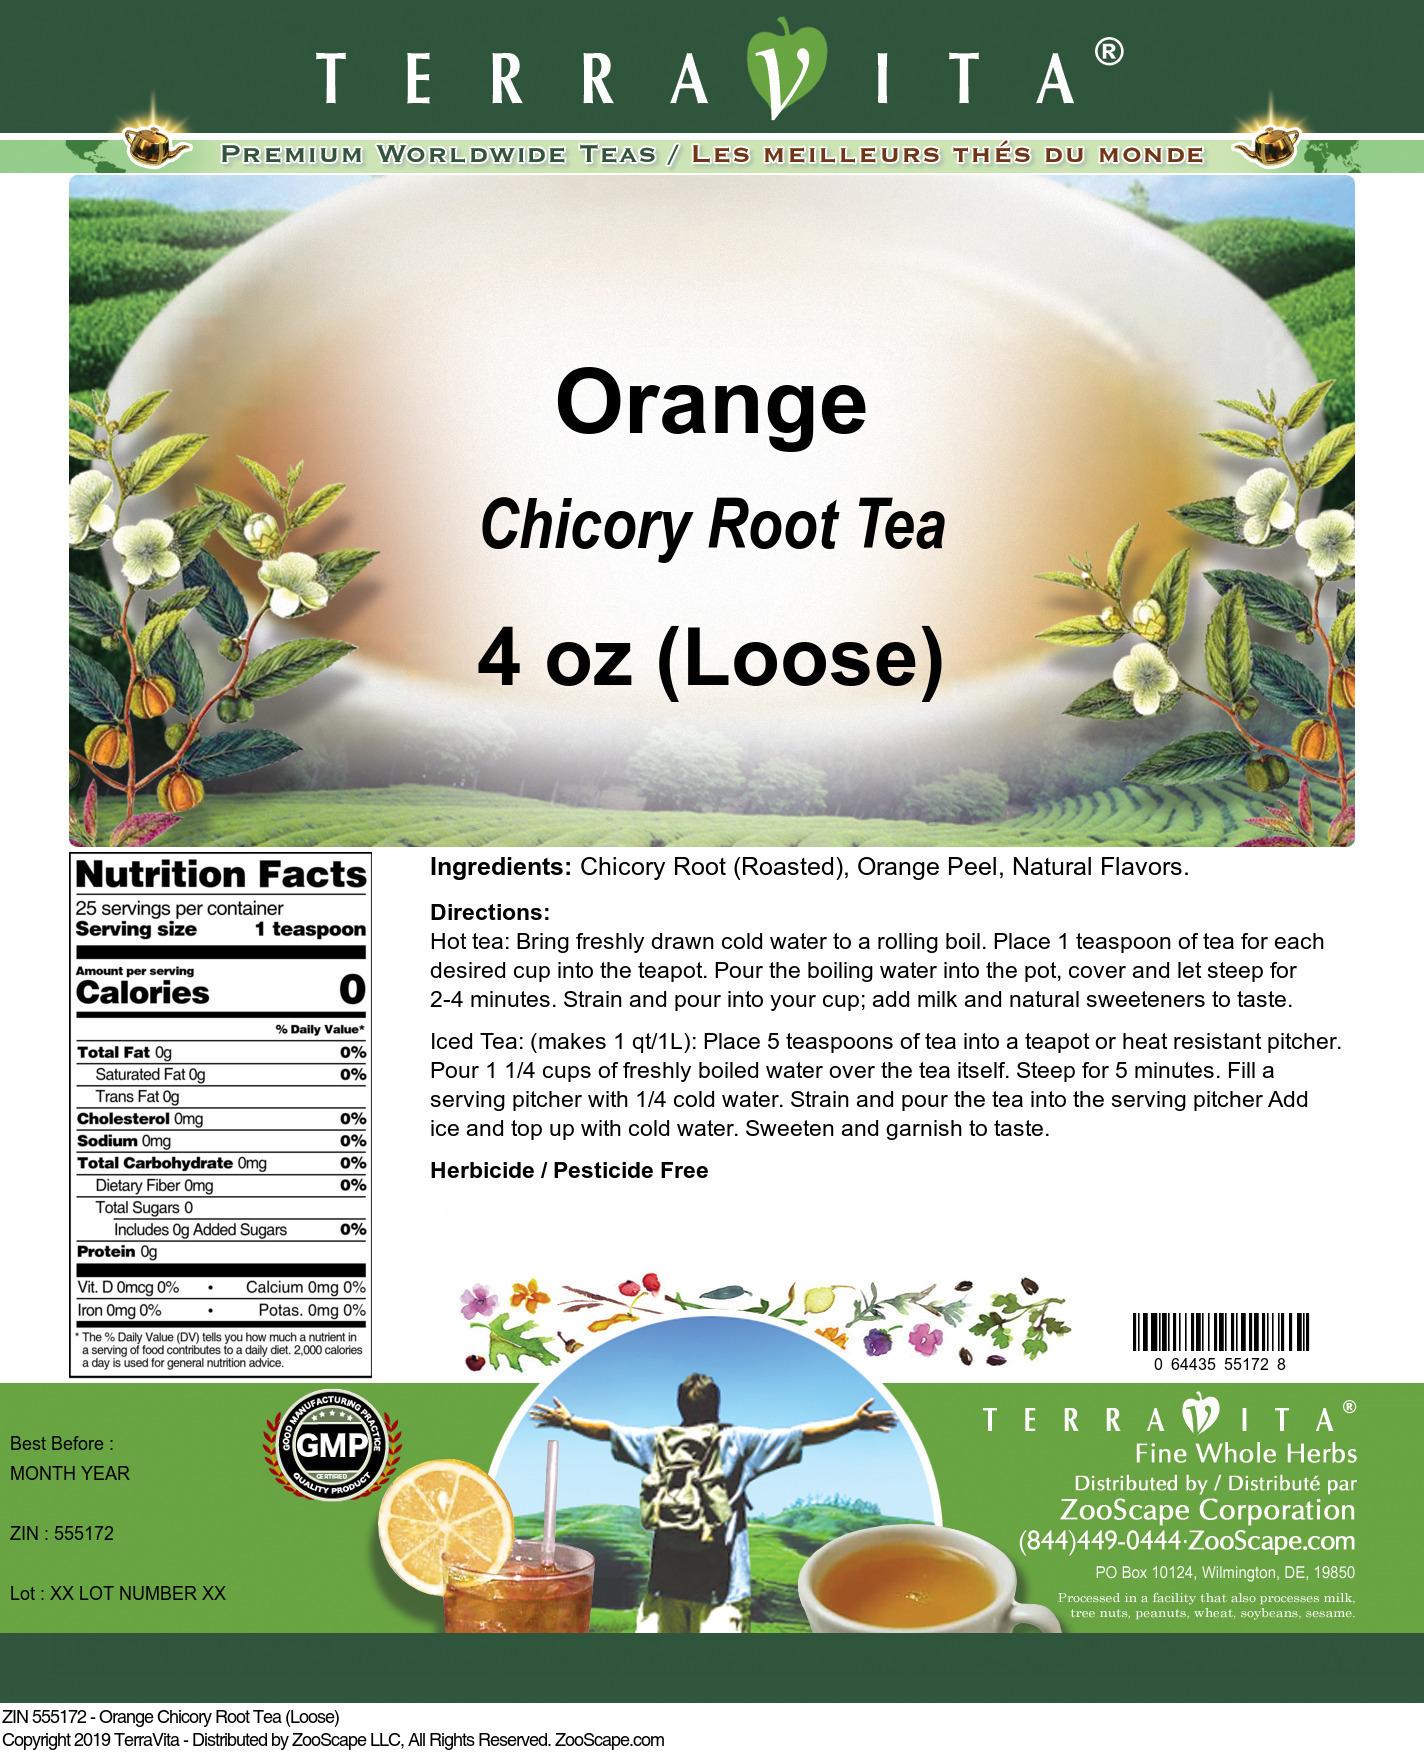 Orange Chicory Root